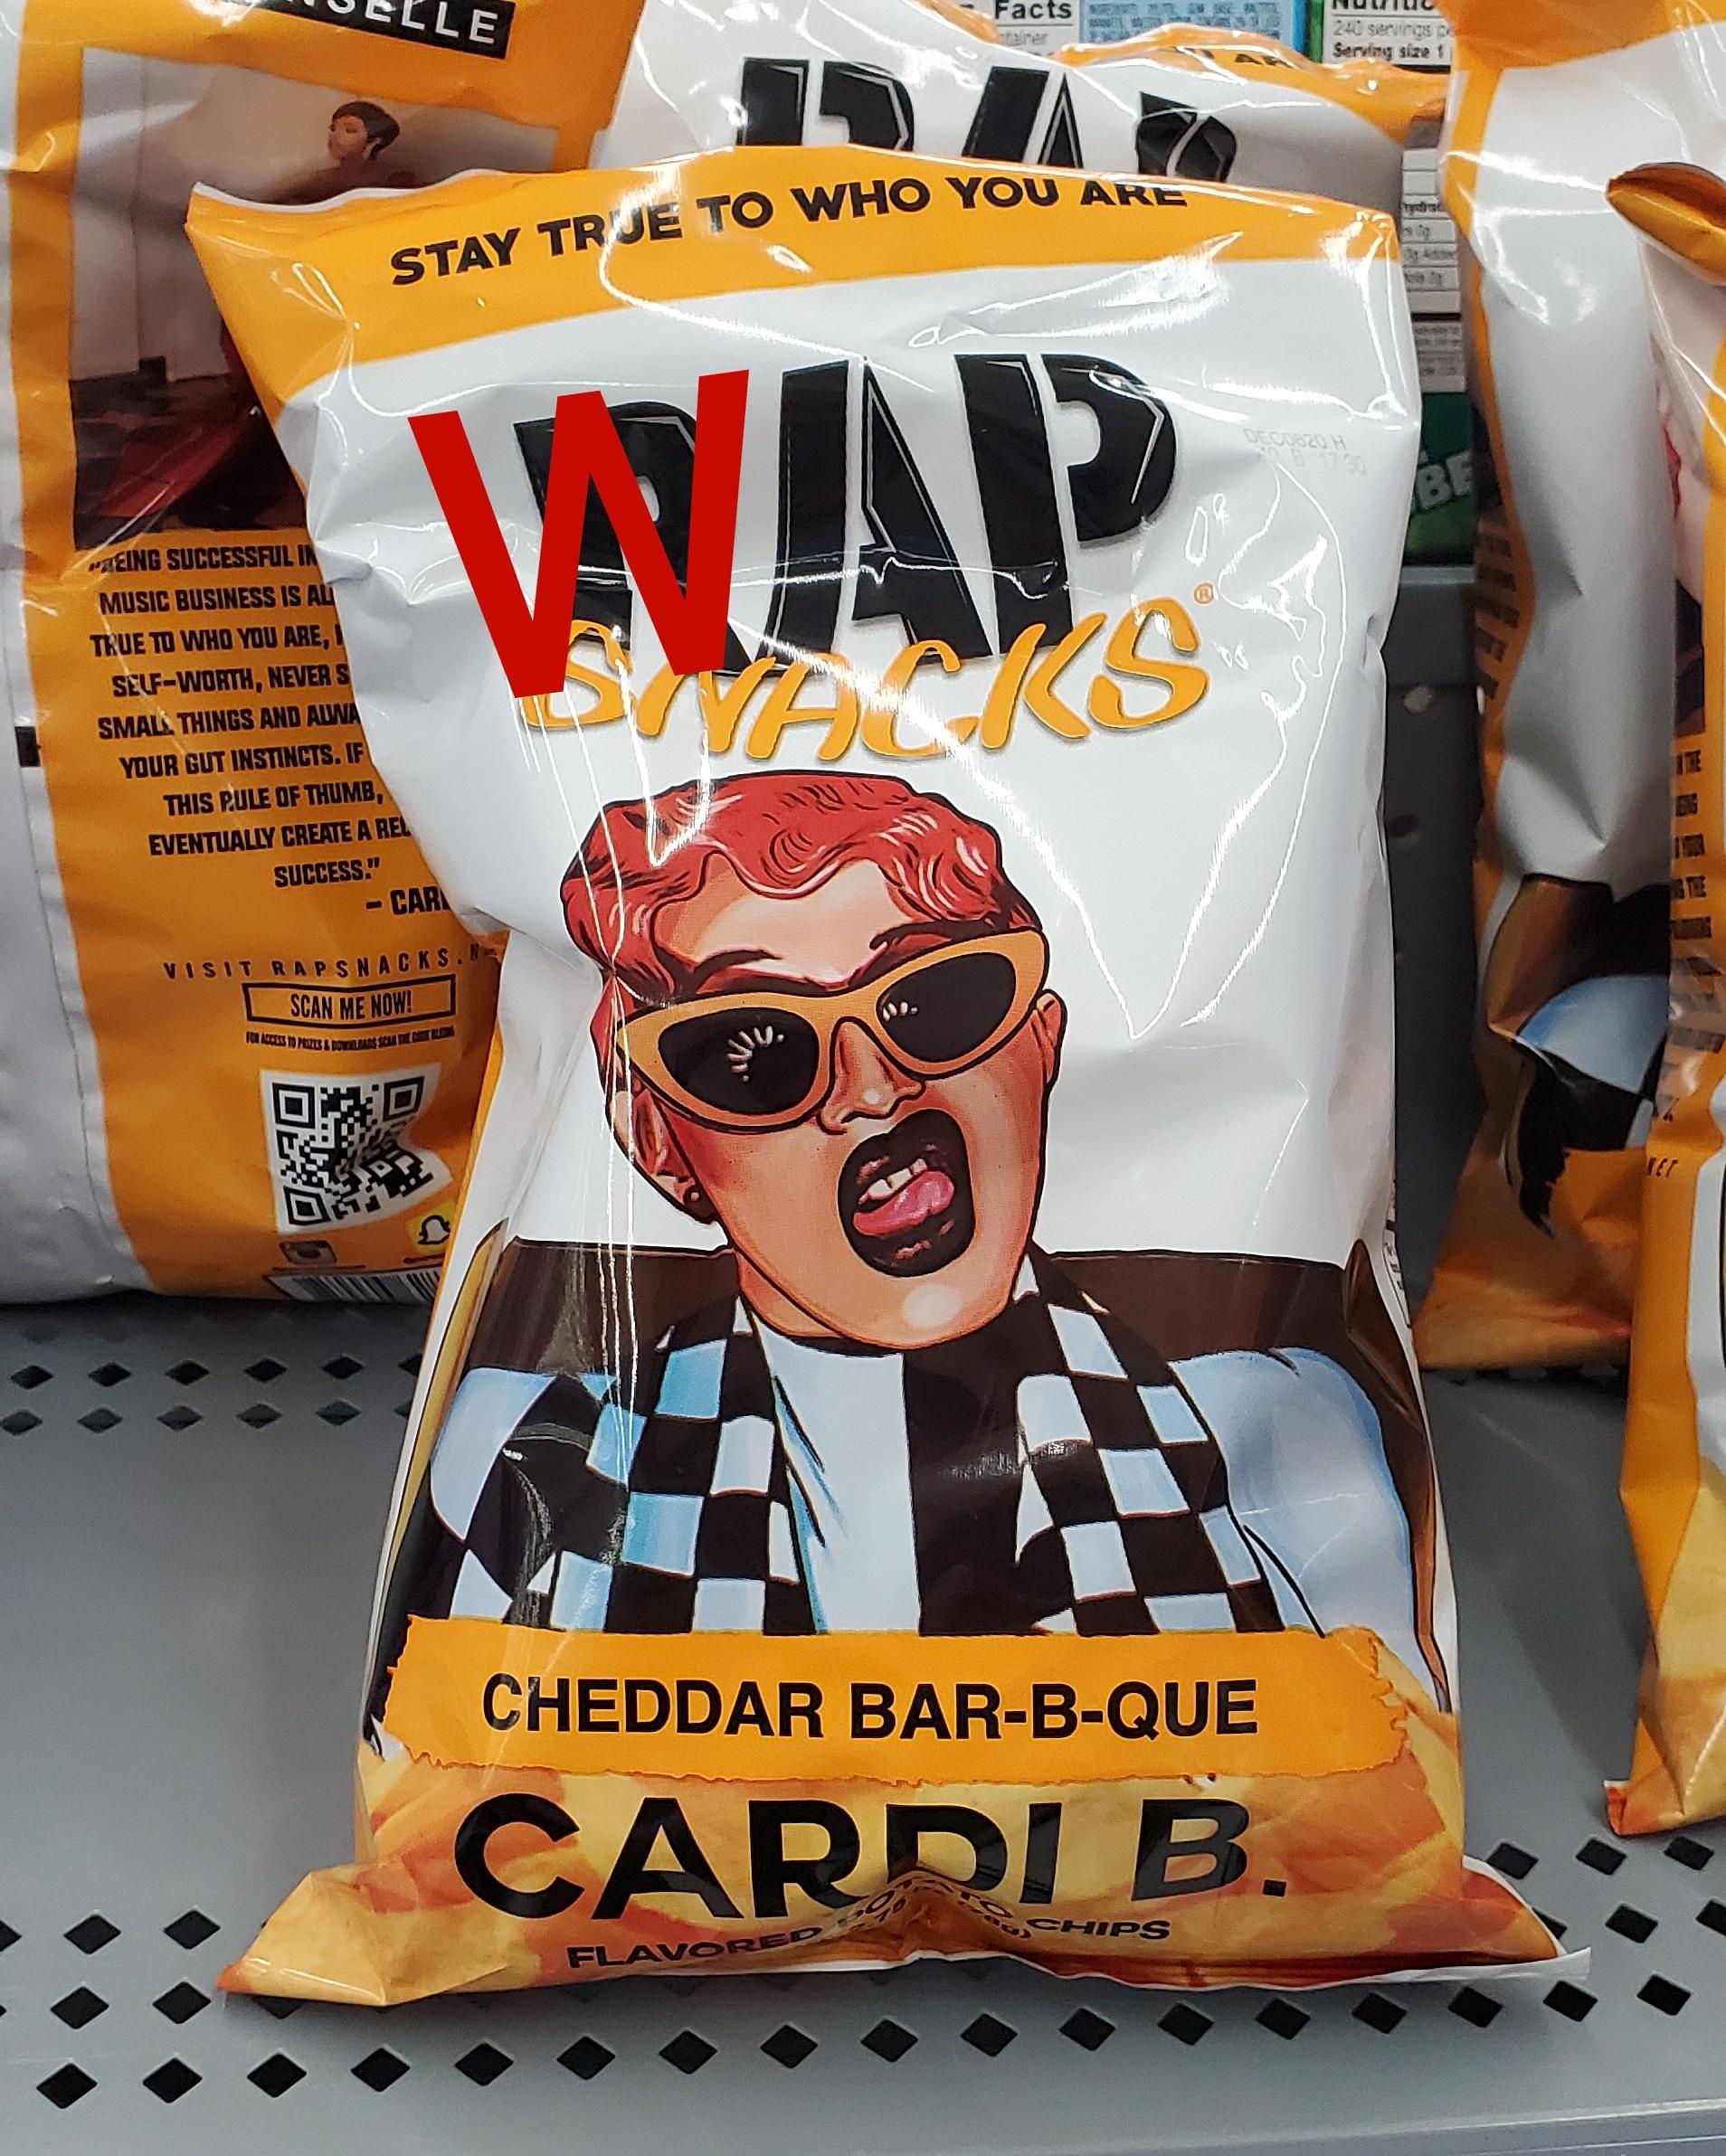 Her WAP has a smokey essence lol